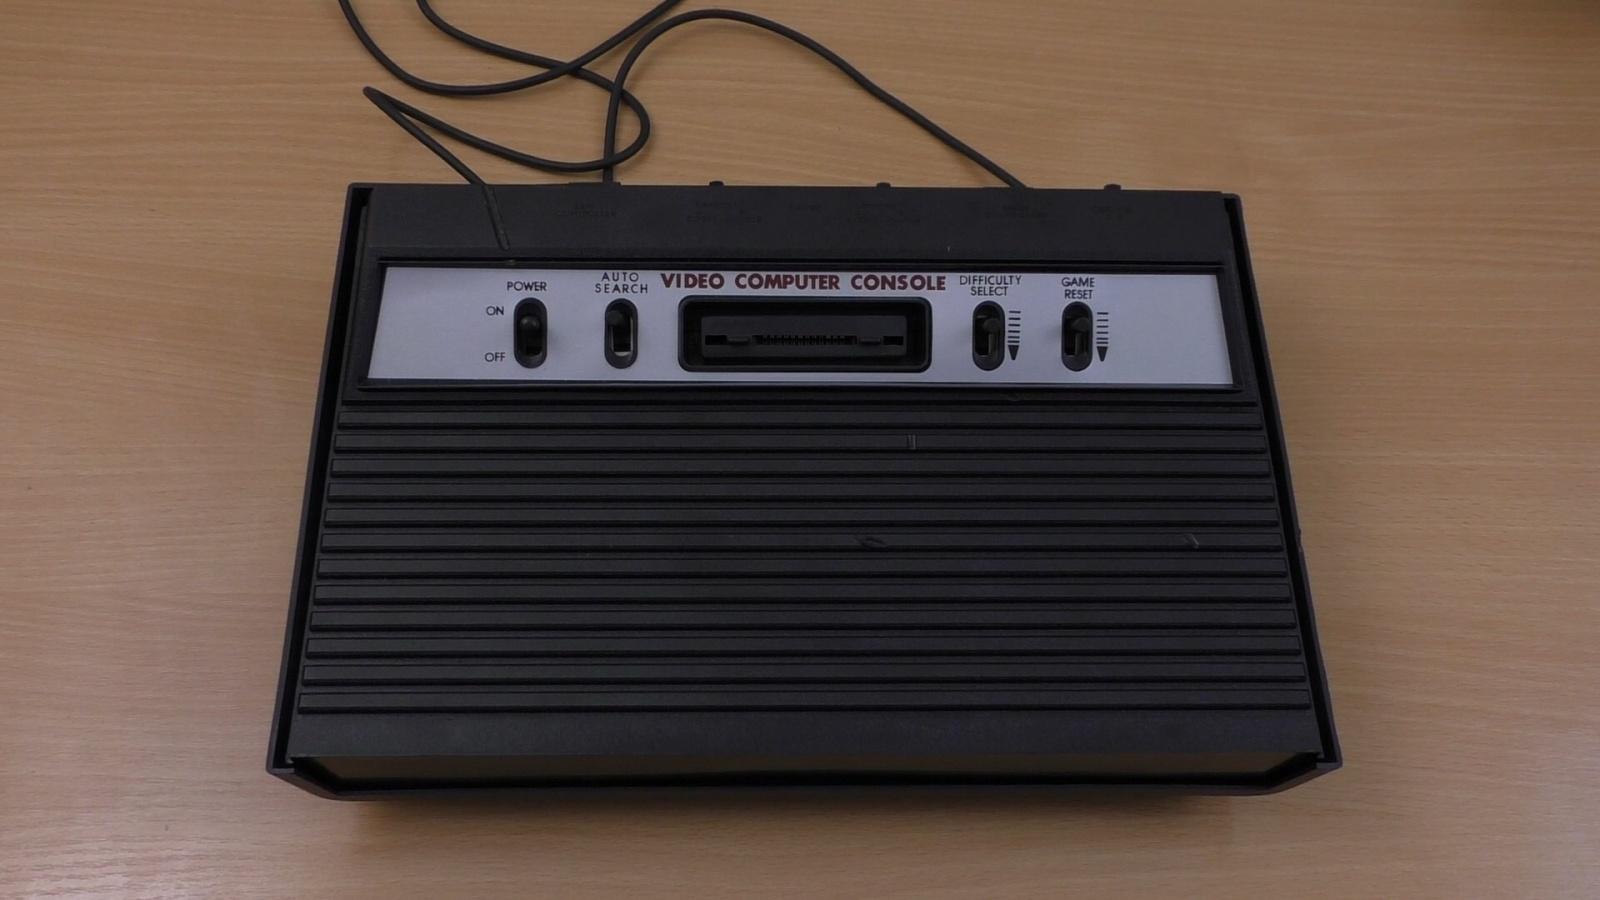 Rambo TV Games (Atari 2600) [статья с кучей фото и капелькой видео] - 13